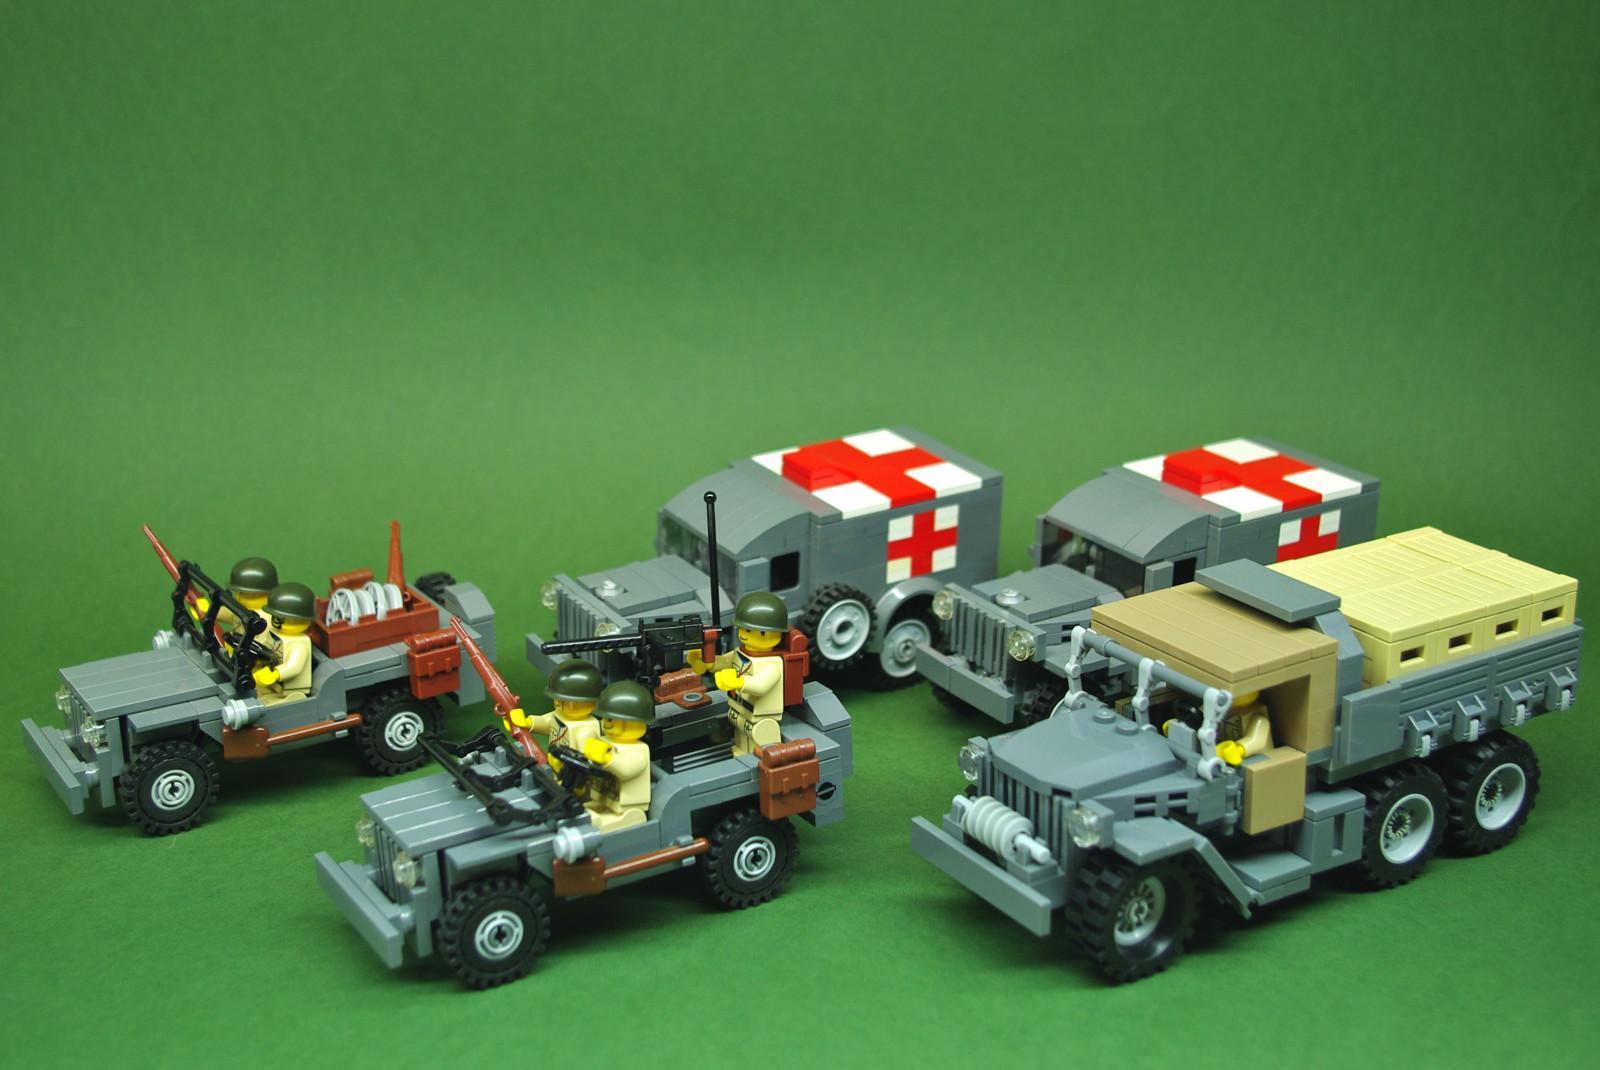 fond d 39 cran voiture lego militaire etats unis esquiver jouet machine mod le l. Black Bedroom Furniture Sets. Home Design Ideas